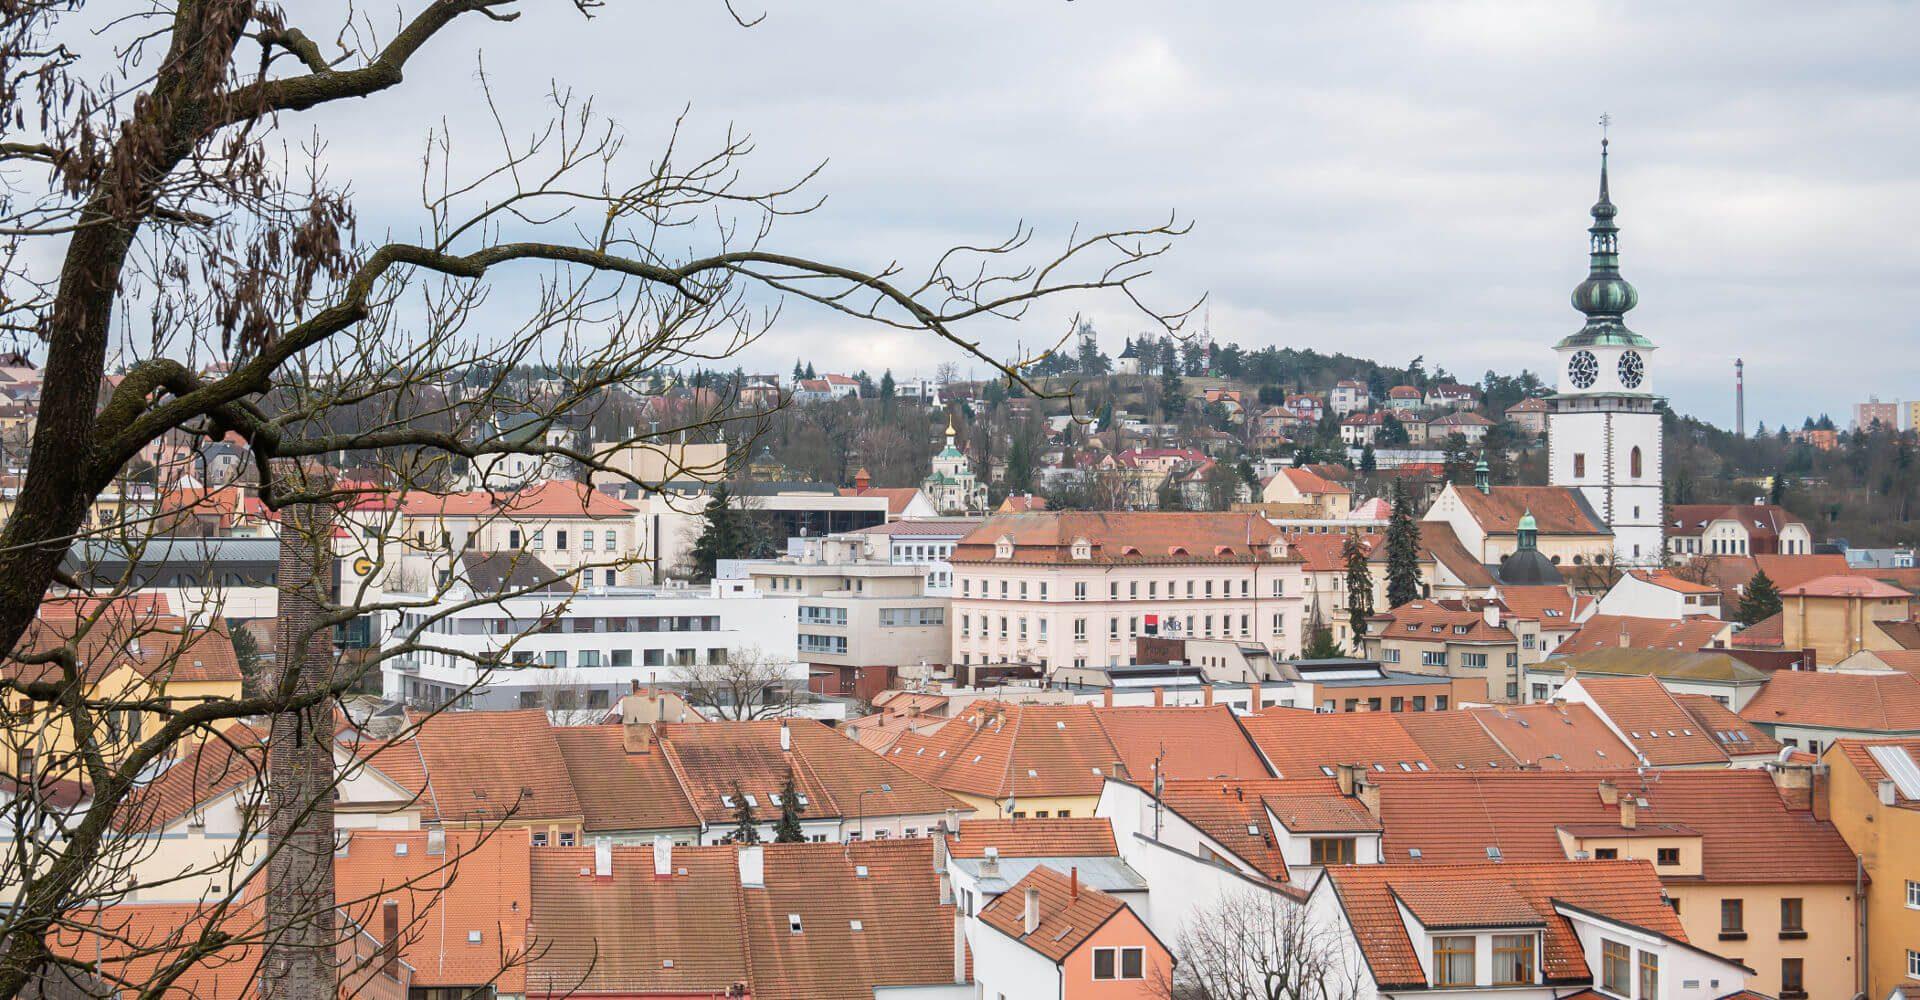 Třebíč w Czechach - małe miasto wielkich zabytków z listy UNESCO